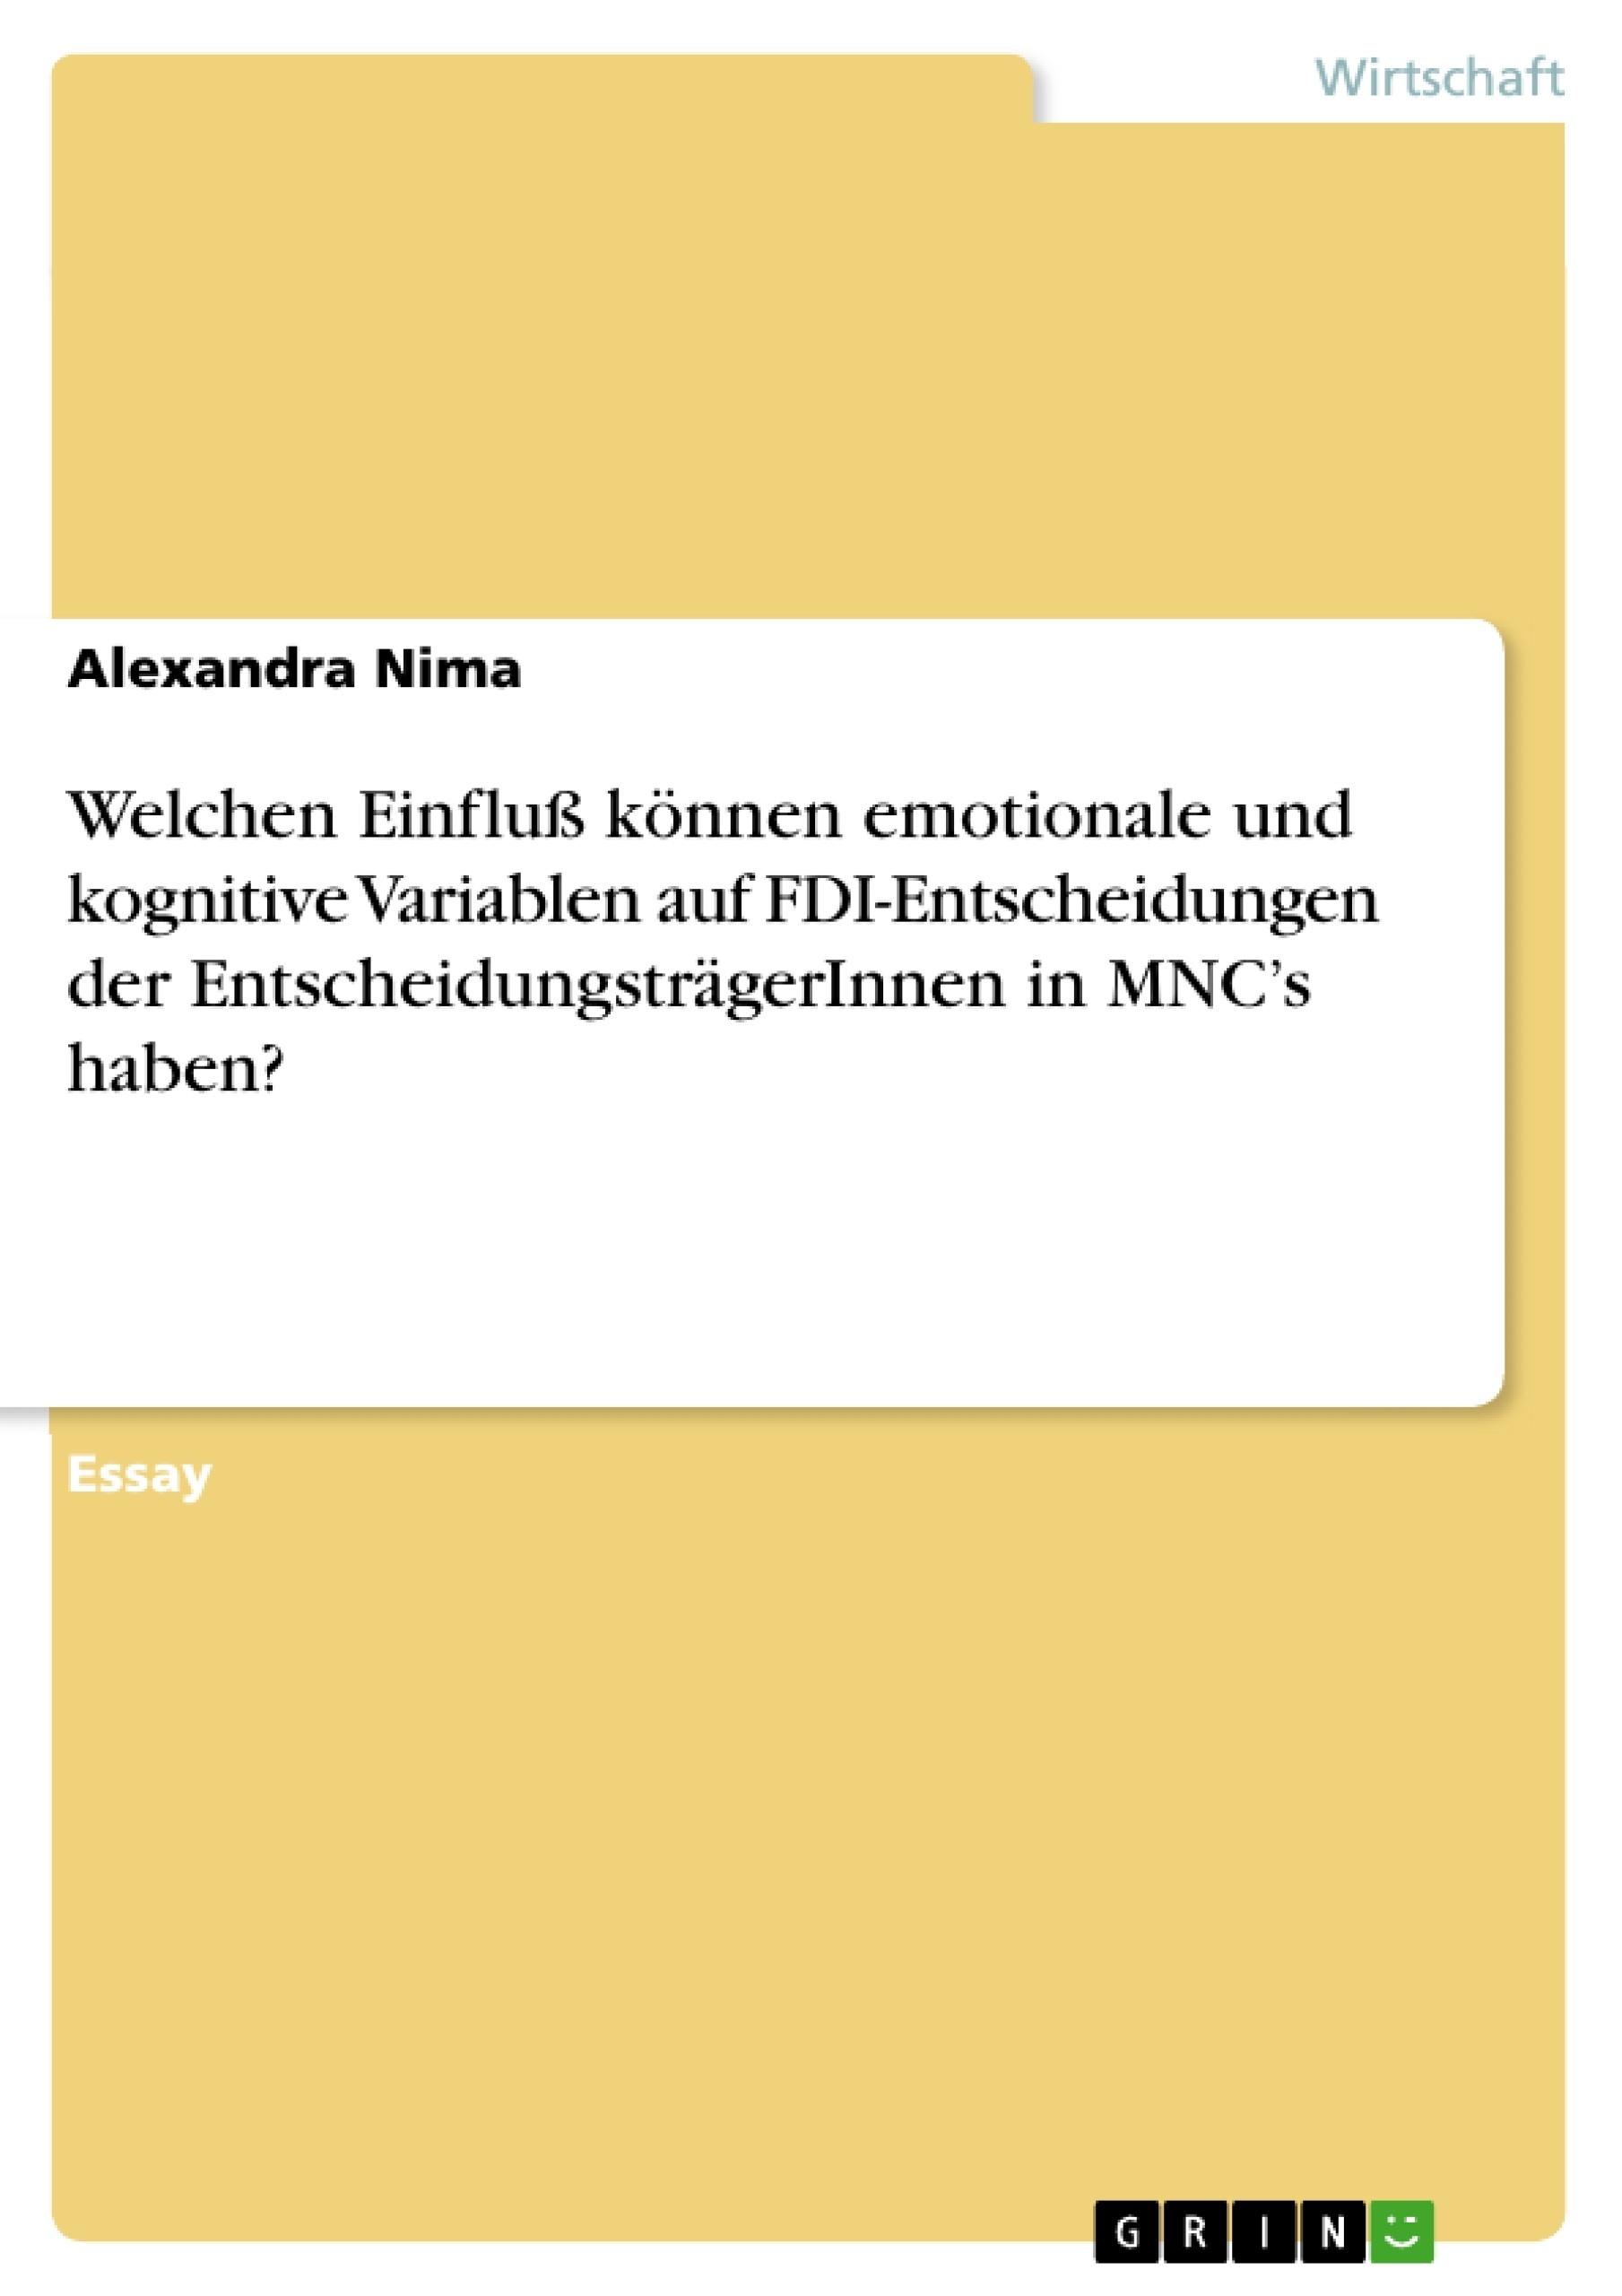 Titel: Welchen Einfluß können emotionale und kognitive Variablen auf FDI-Entscheidungen der EntscheidungsträgerInnen in MNC's haben?